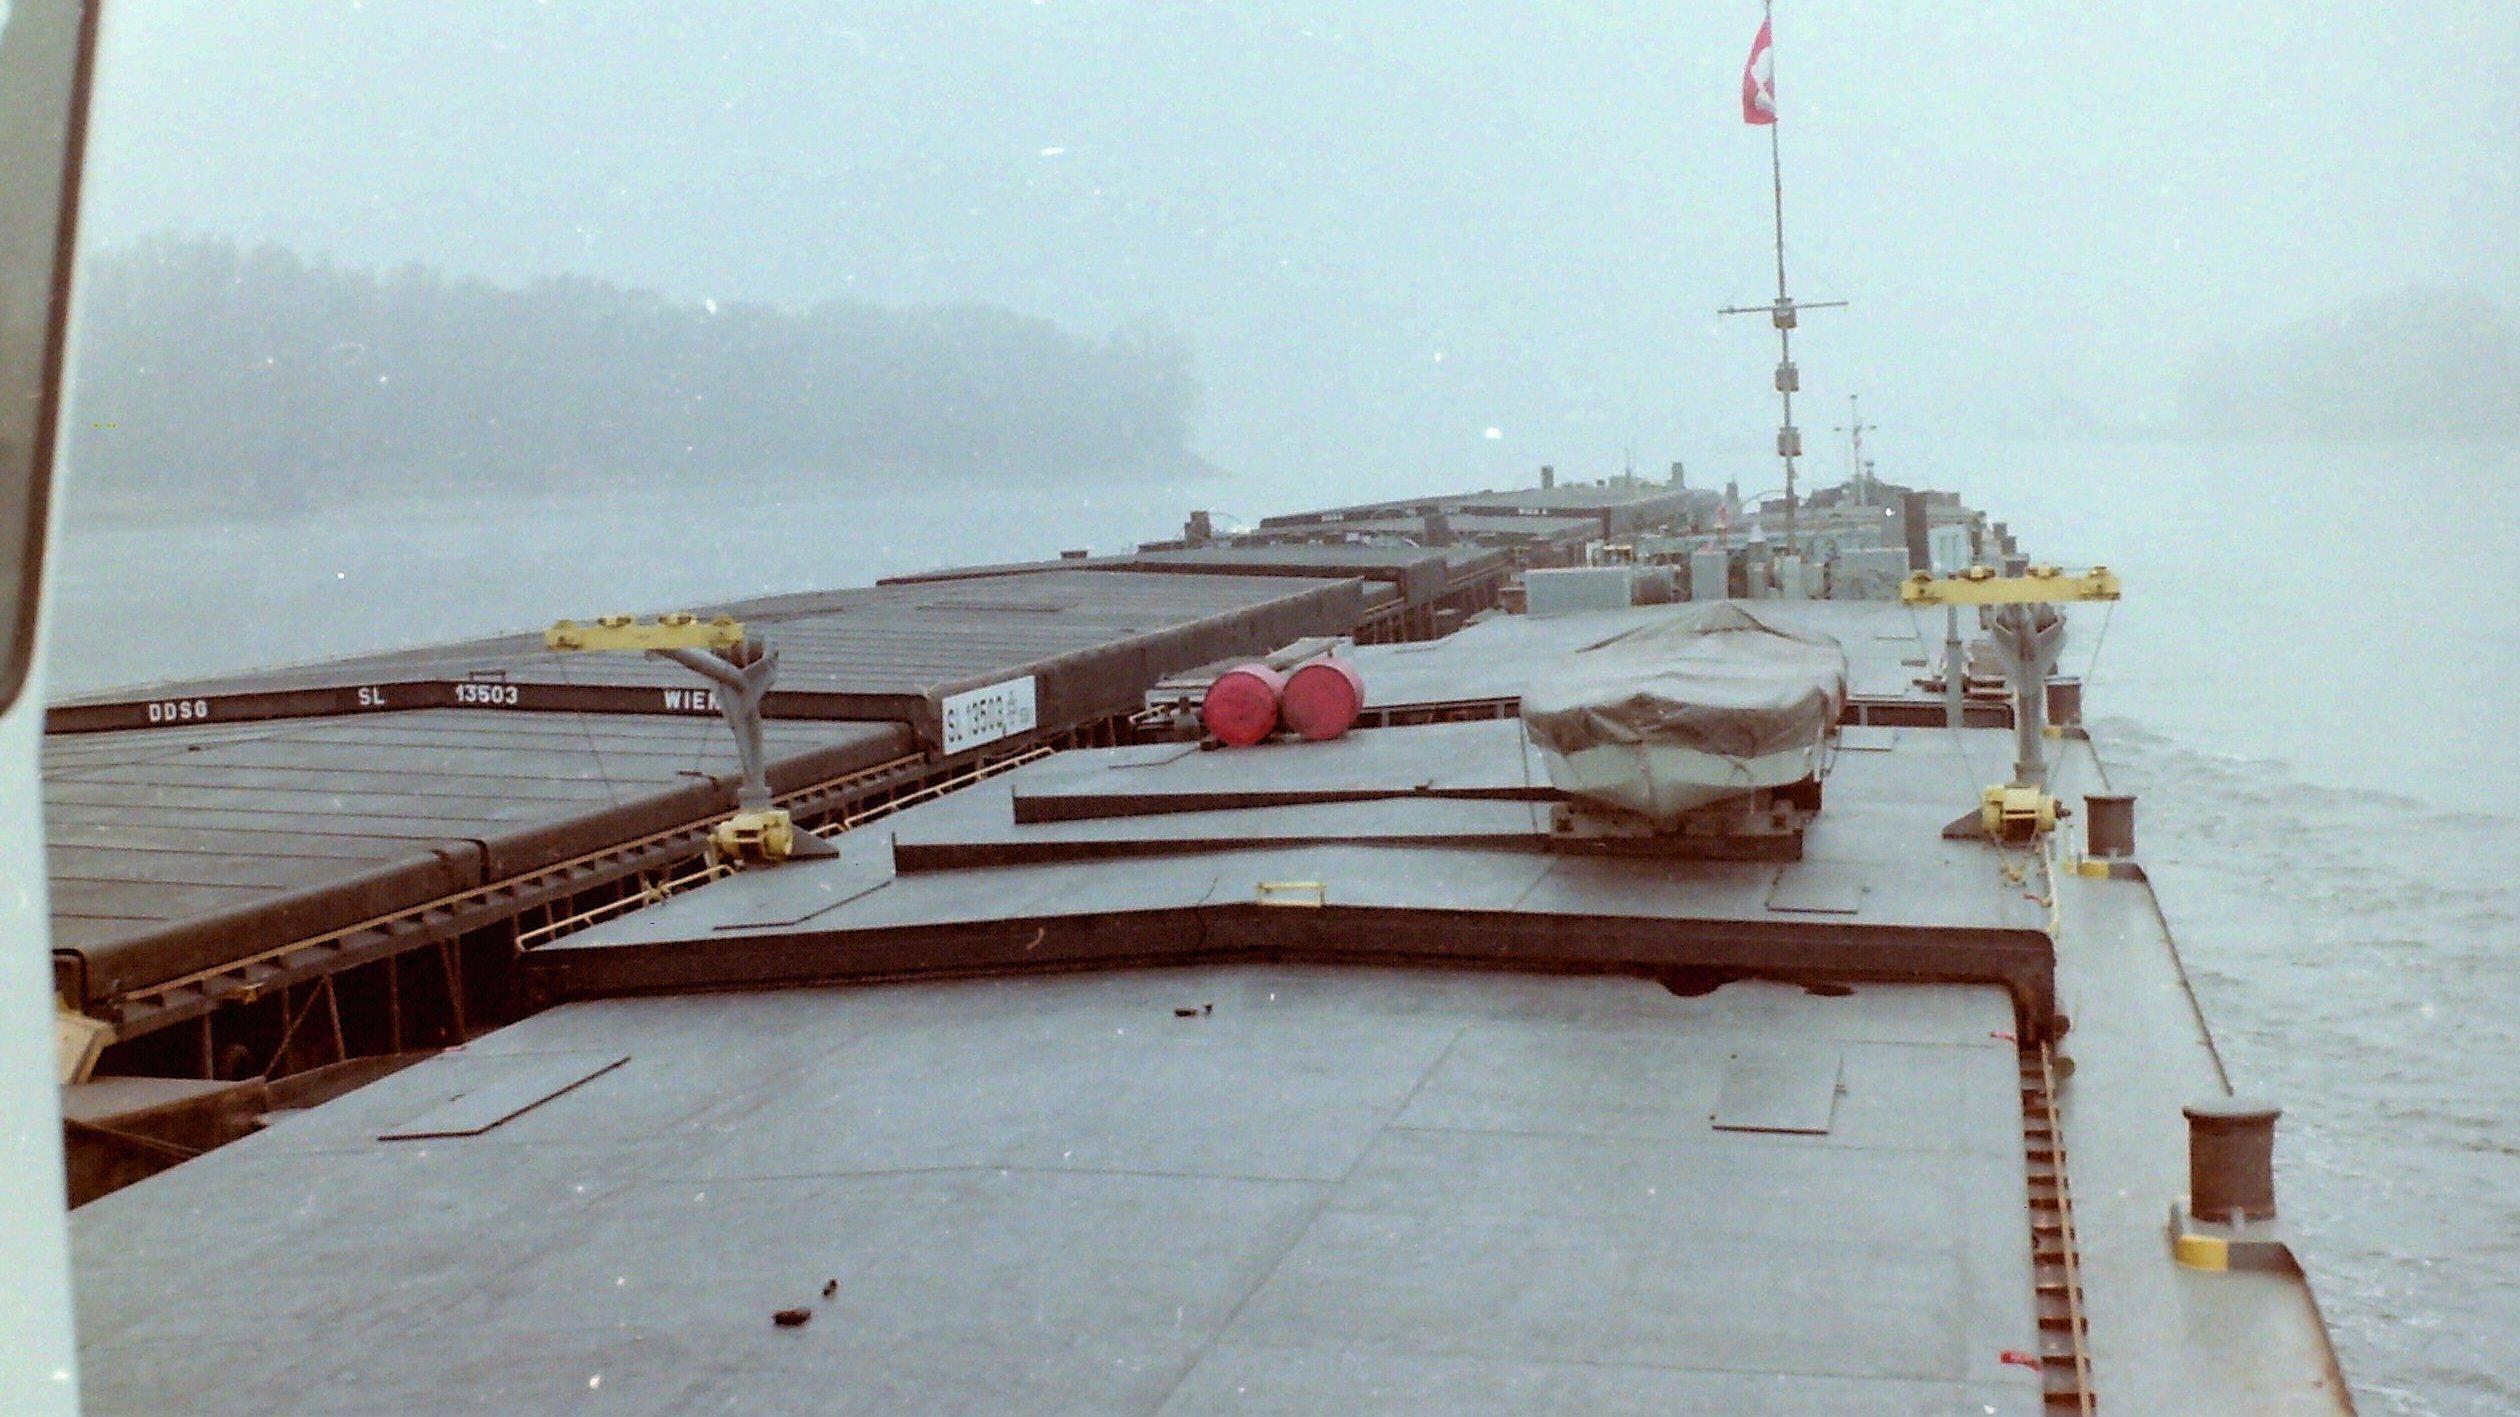 Blick über den Frachtteil eines Schubschiffes auf der Donau.